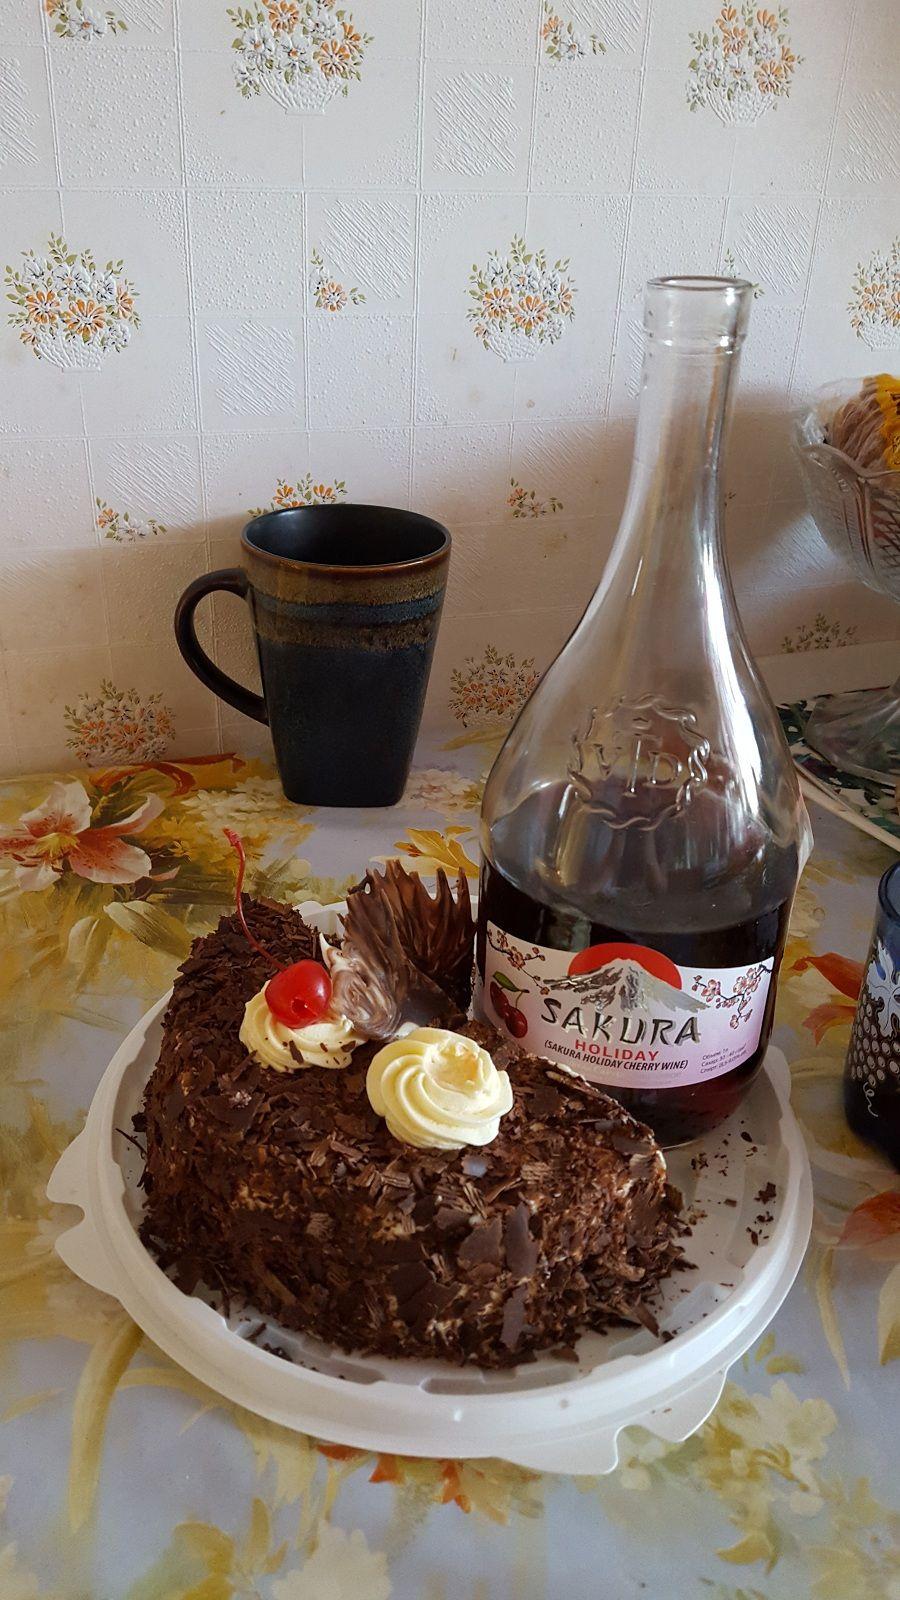 Как я провела свой день рождение, я покажу вам летний Калининград, фото 82